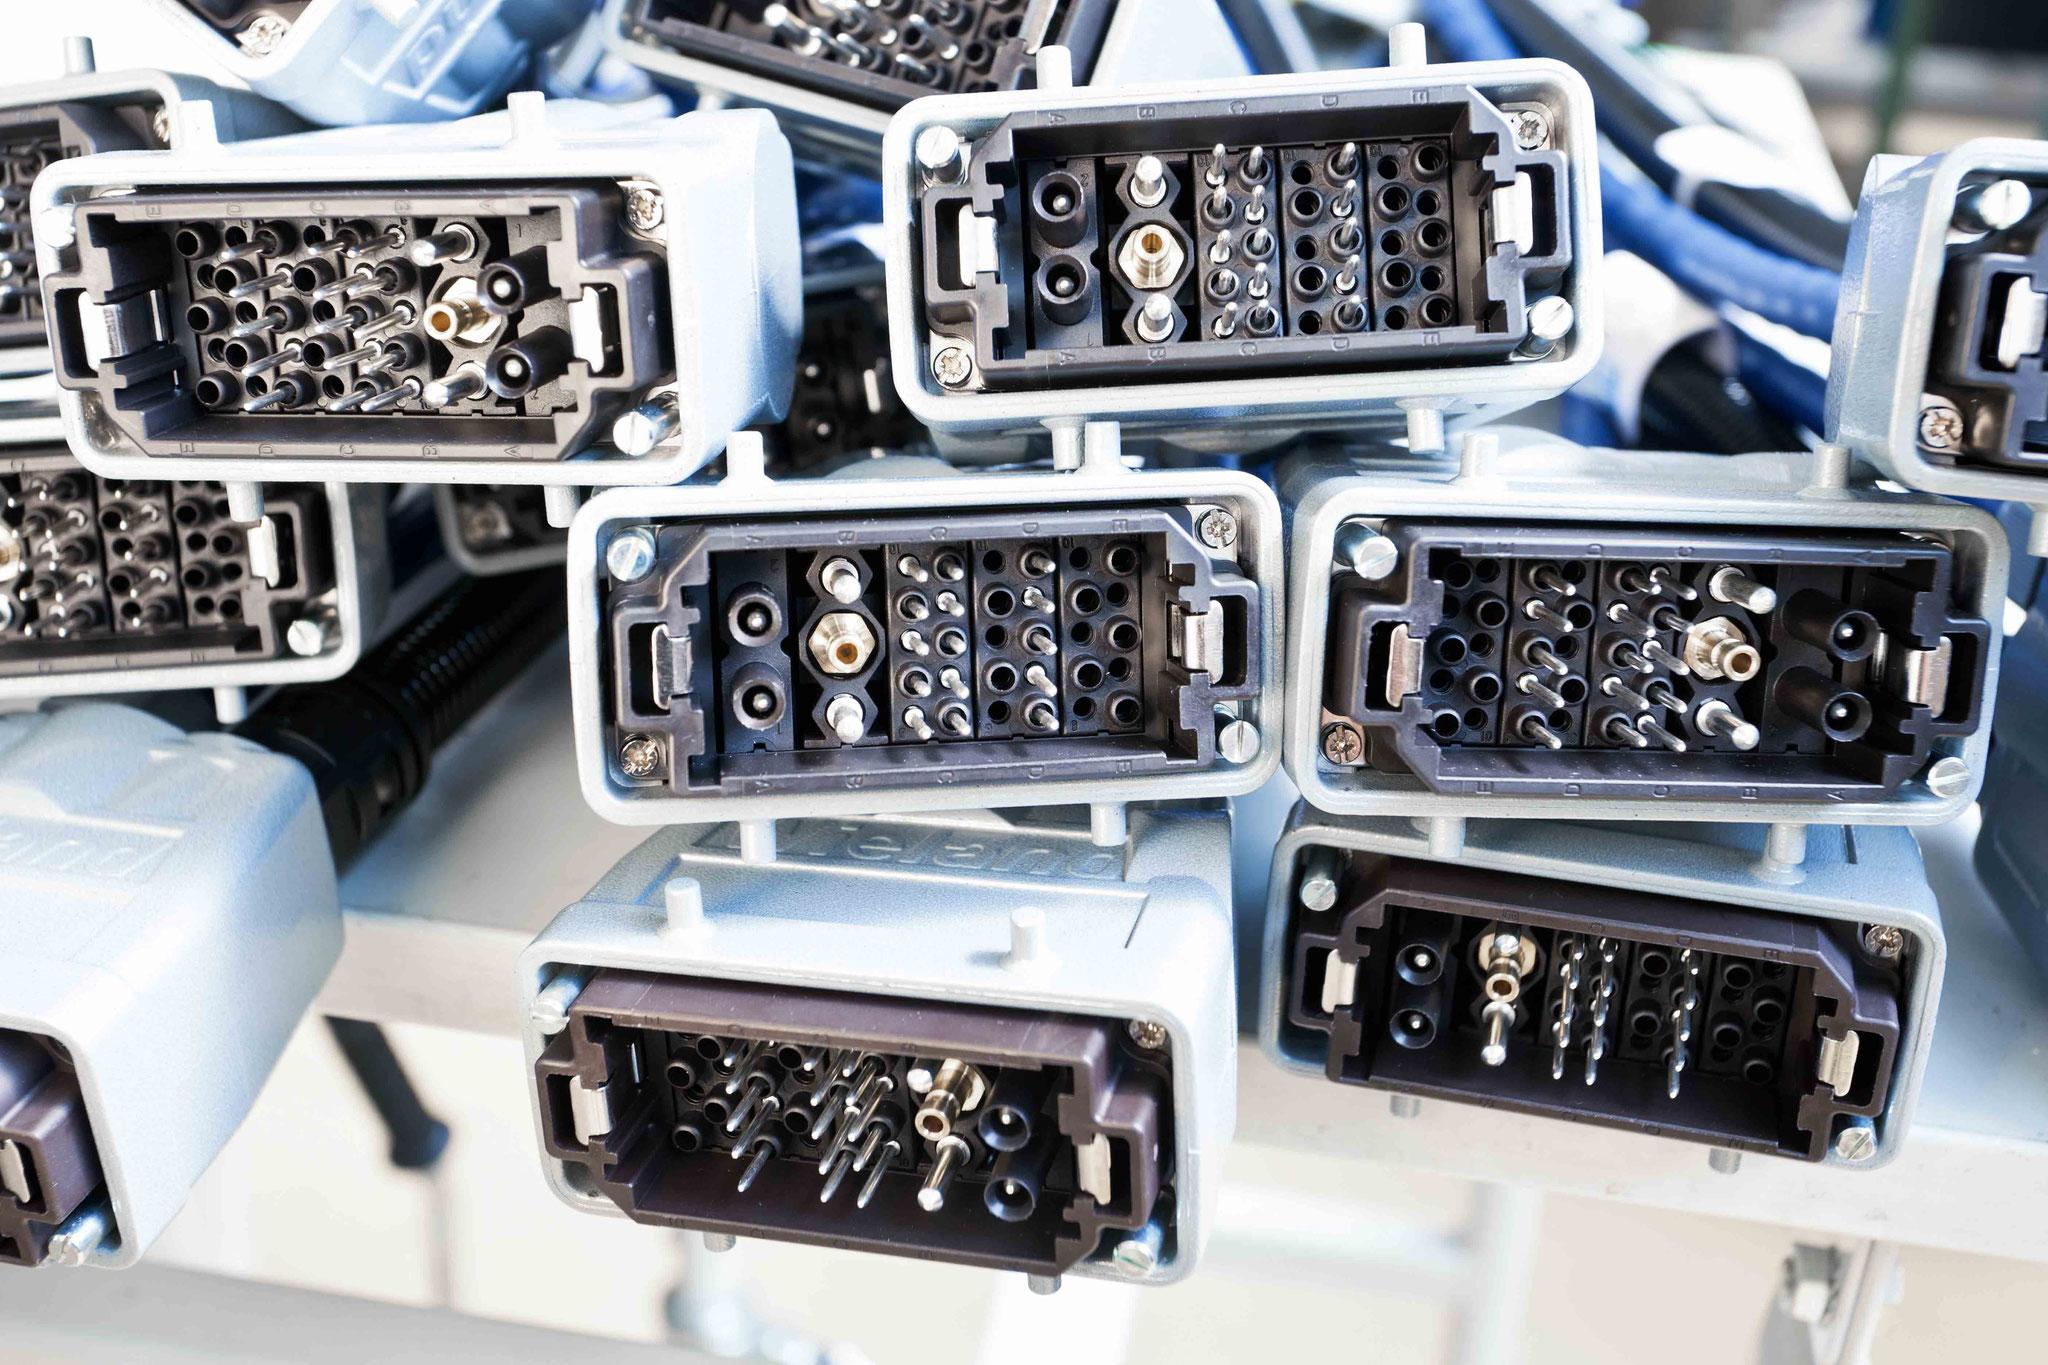 Kabelkonfektion mit Harting Modular Steckverbindern